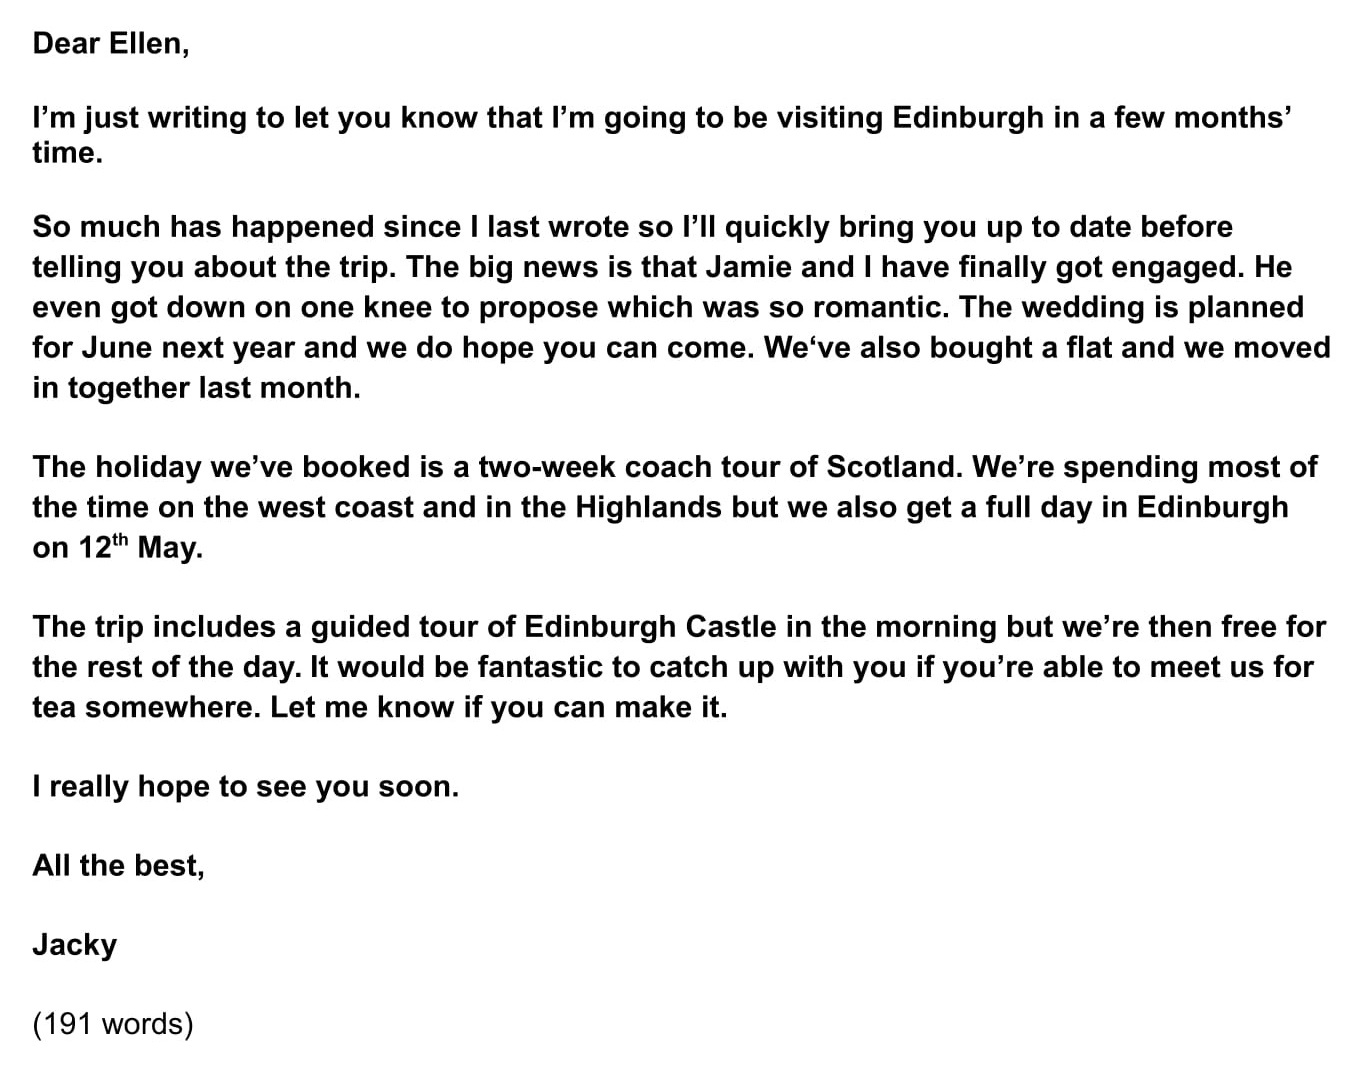 Letter Format To A Friend from www.ieltsjacky.com